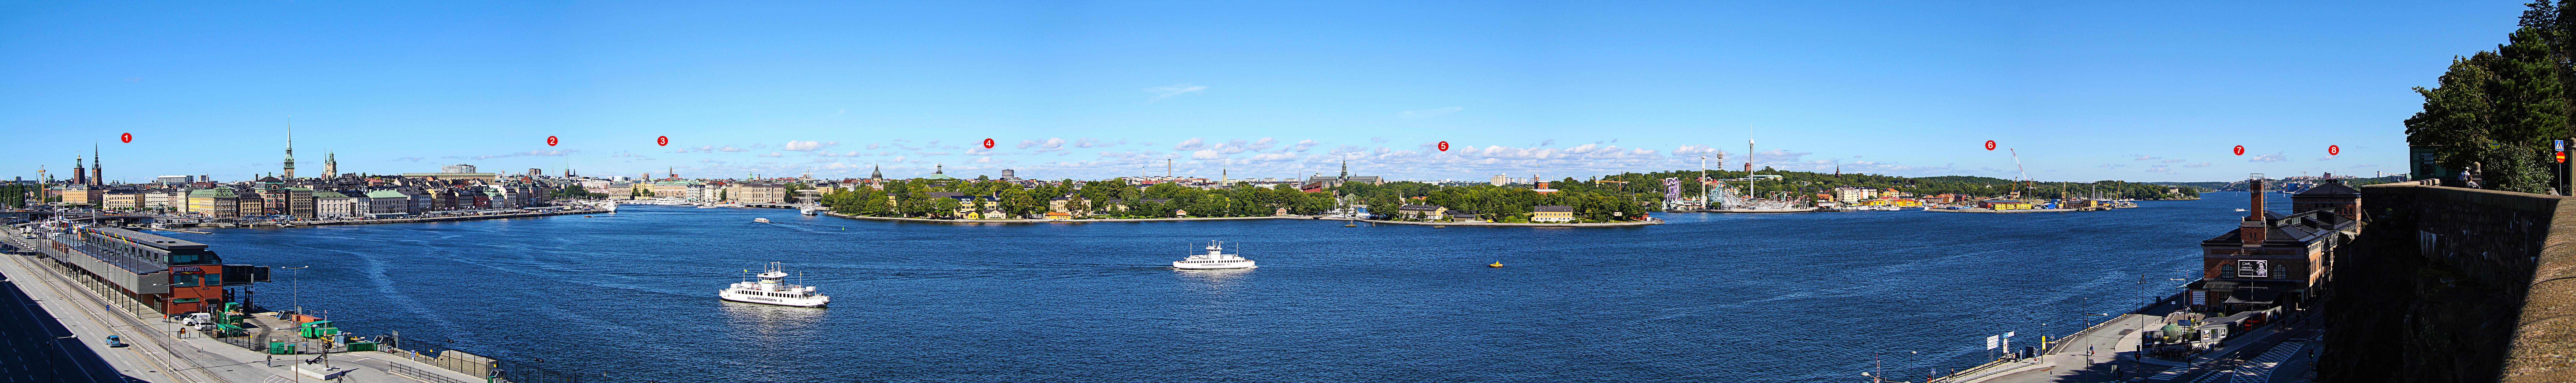 Stockholm -ein Panorama von Södermalm